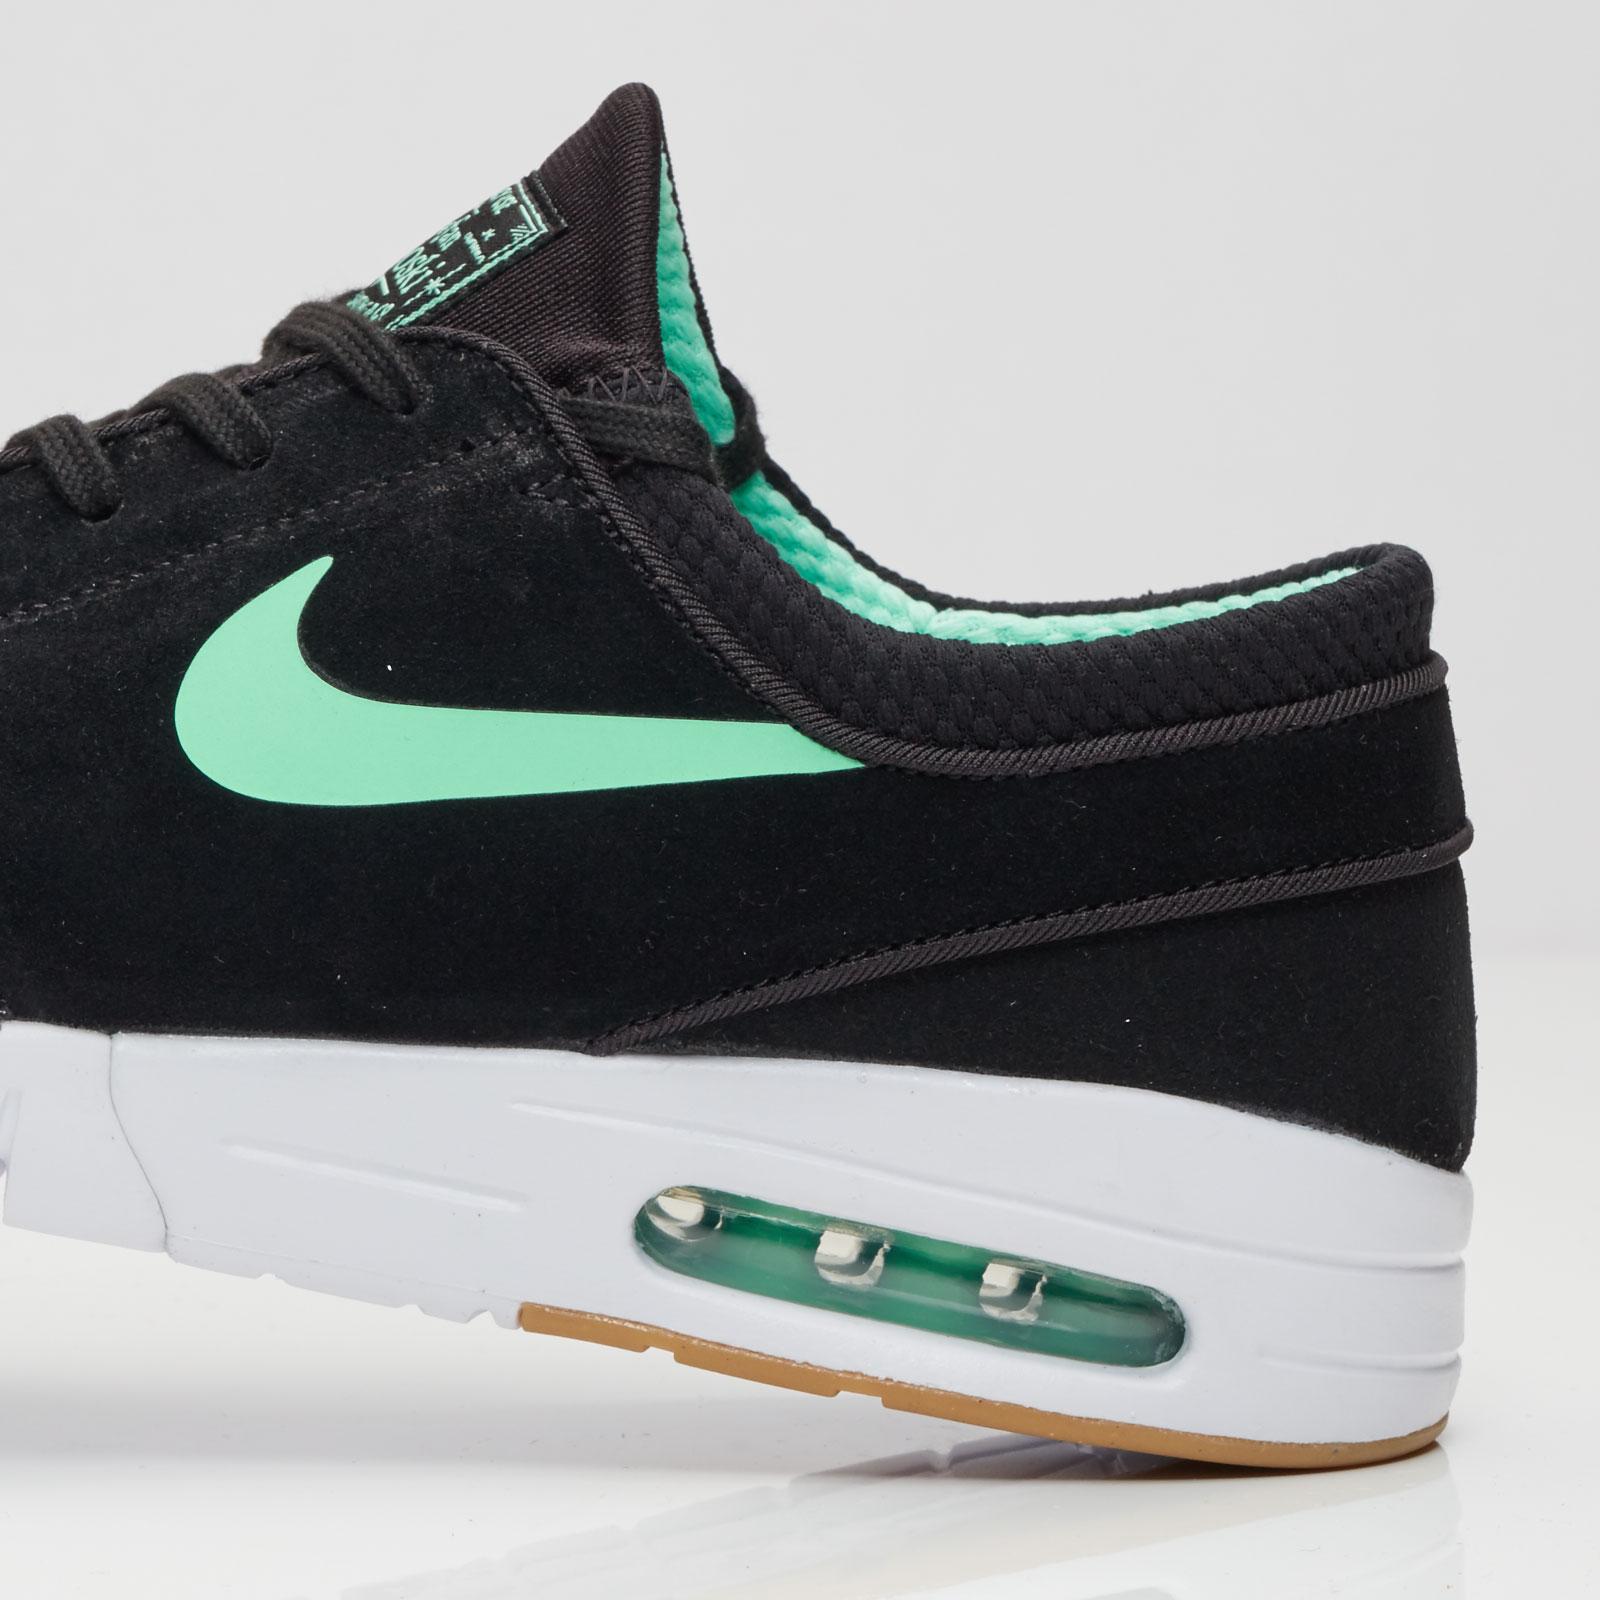 super popular 90223 09742 Nike Stefan Janoski Max L - 685299-039 - Sneakersnstuff   sneakers    streetwear online since 1999